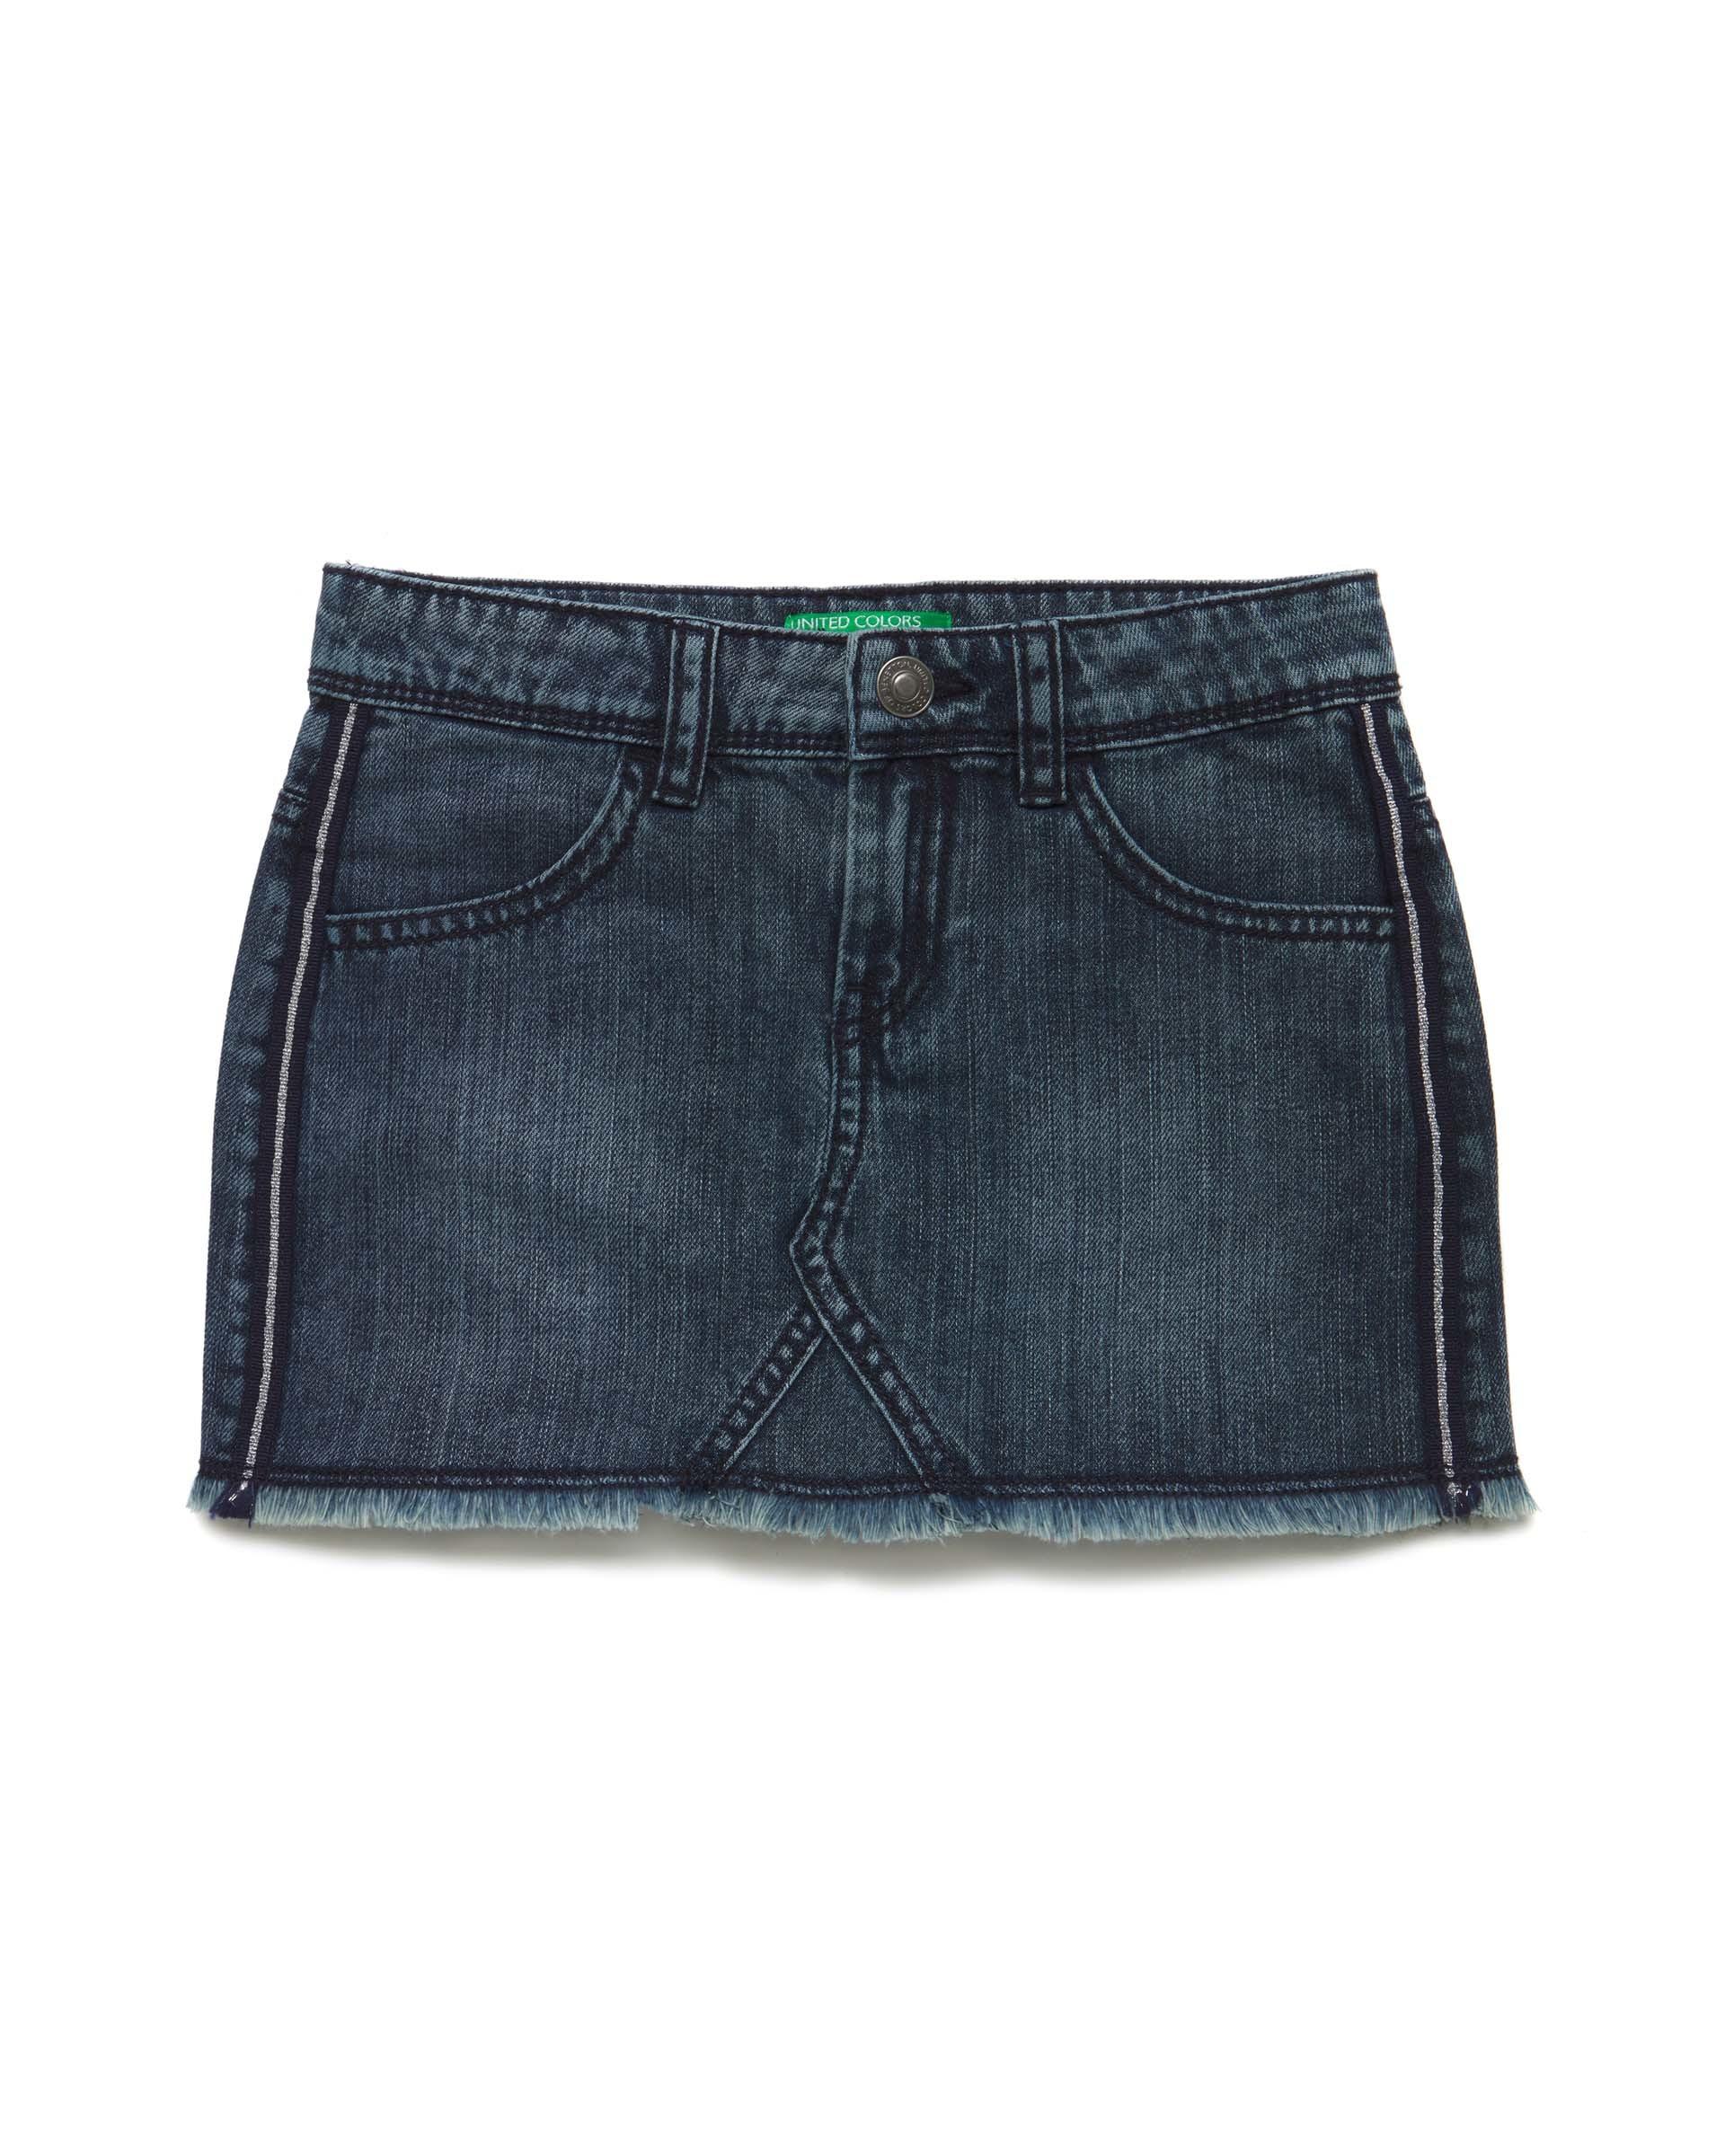 Купить 20P_4NV9508I0_901, Джинсовая юбка для девочек Benetton 4NV9508I0_901 р-р 152, United Colors of Benetton, Юбки для девочек